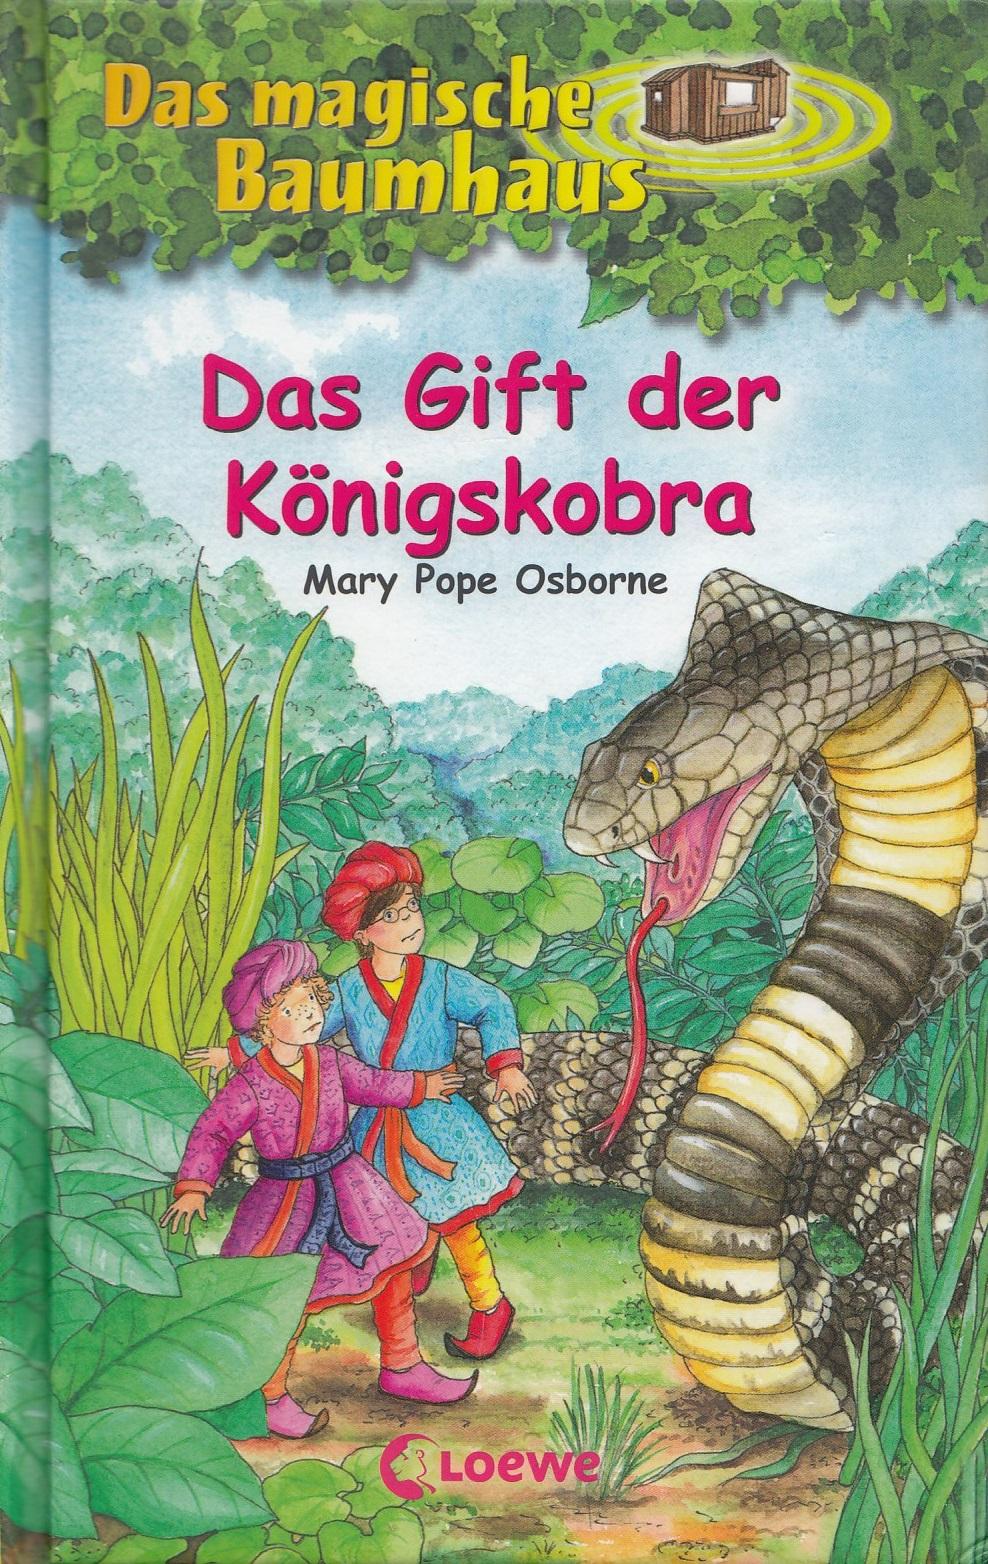 Das Gift der Königskobra - Mary Pope Osborne